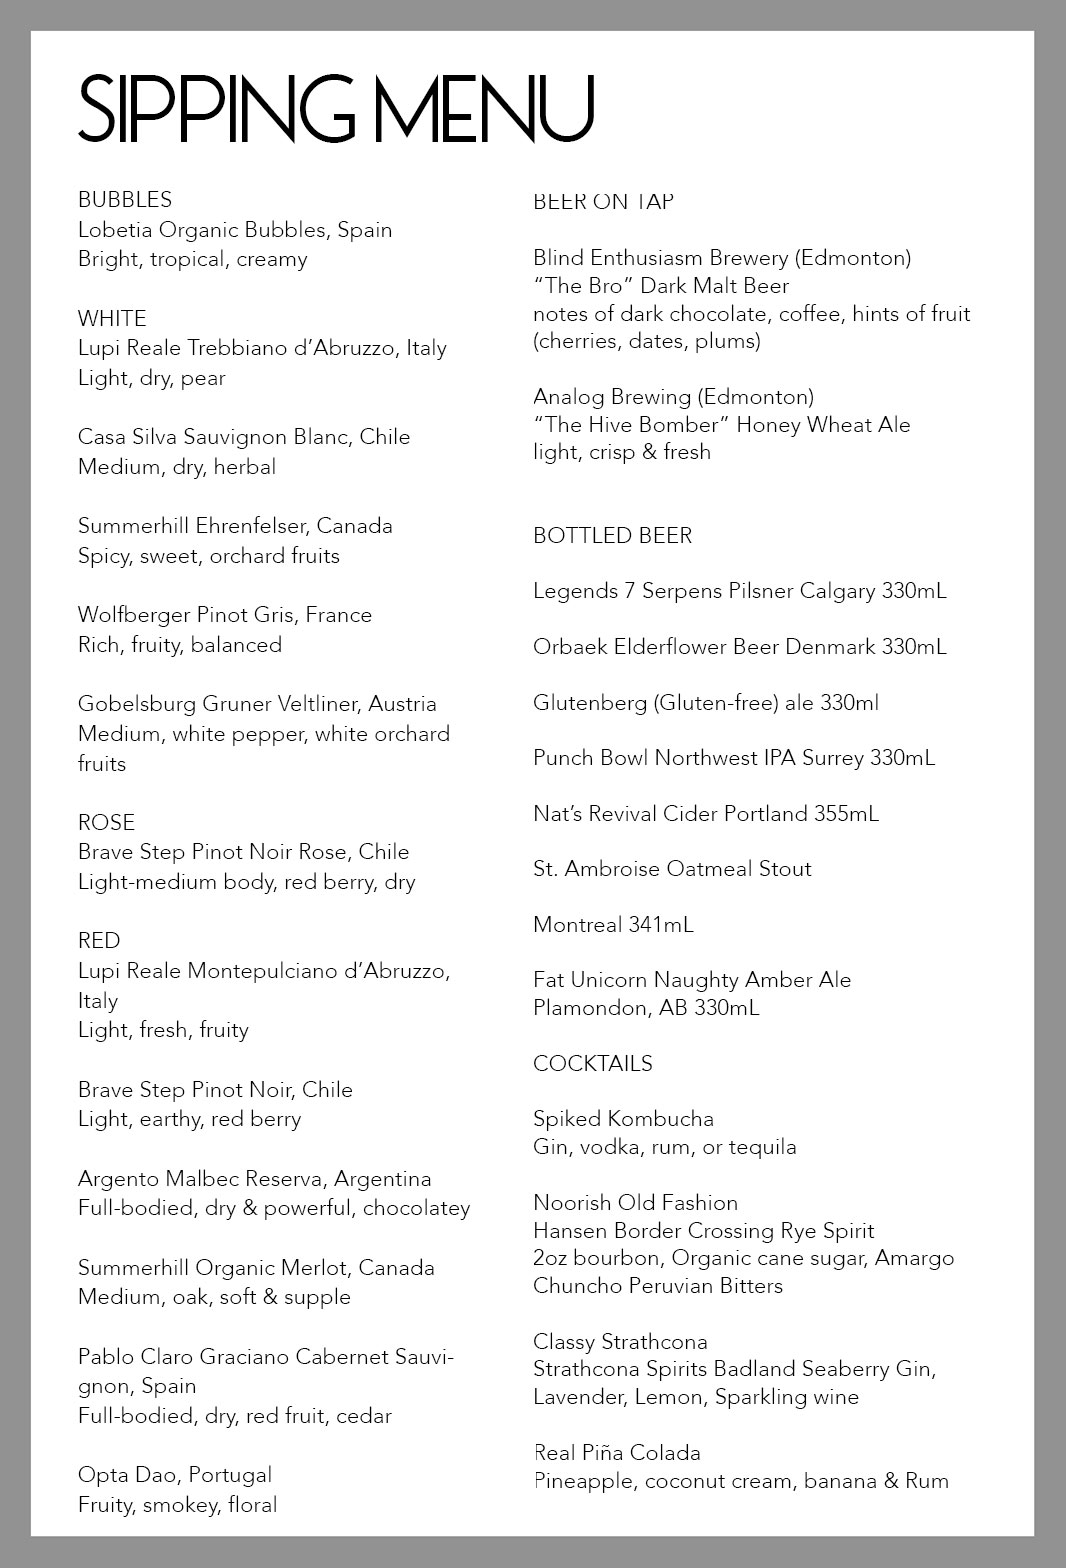 sipping-menu.jpg